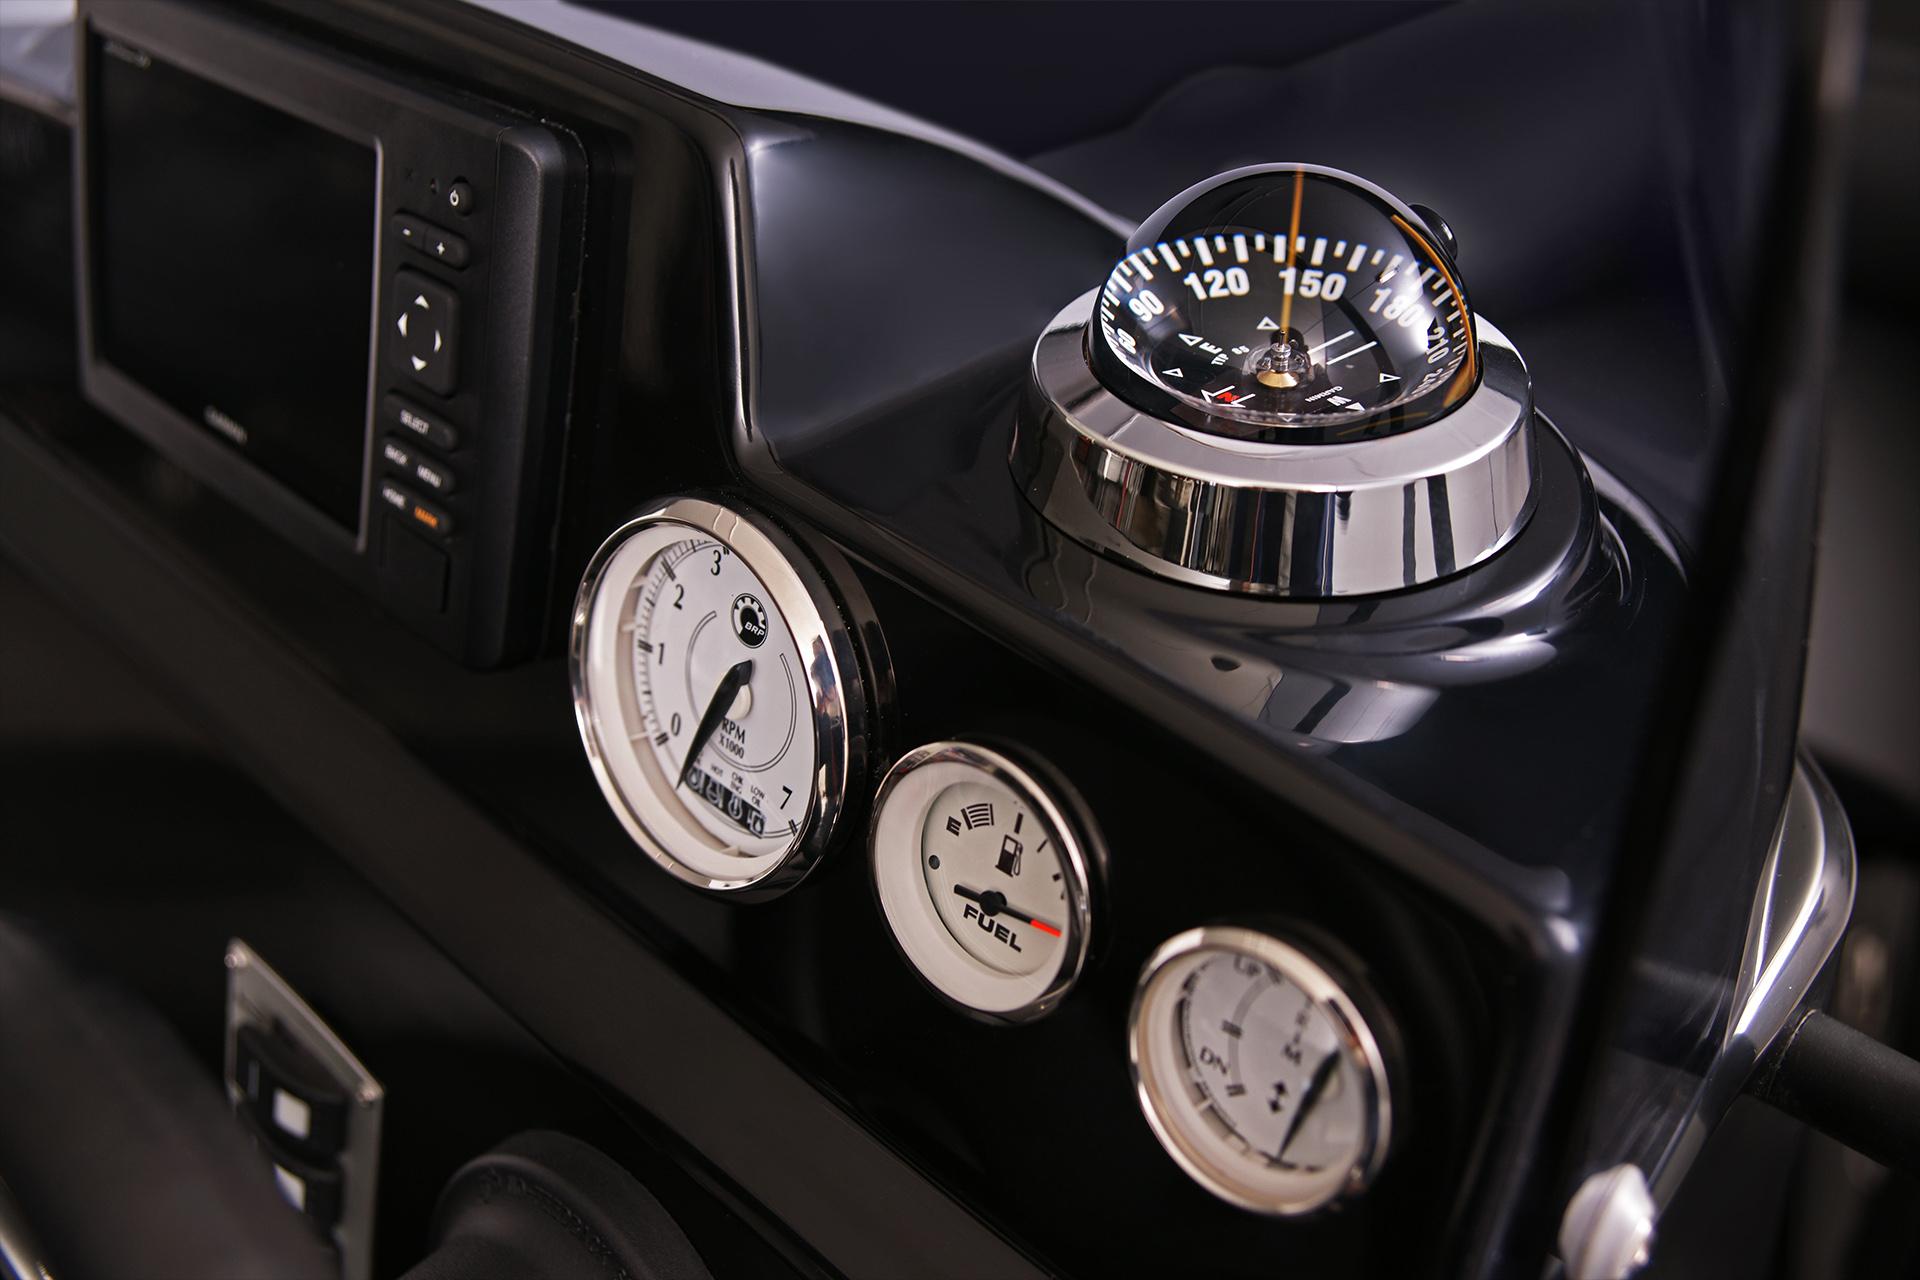 Navigator 520